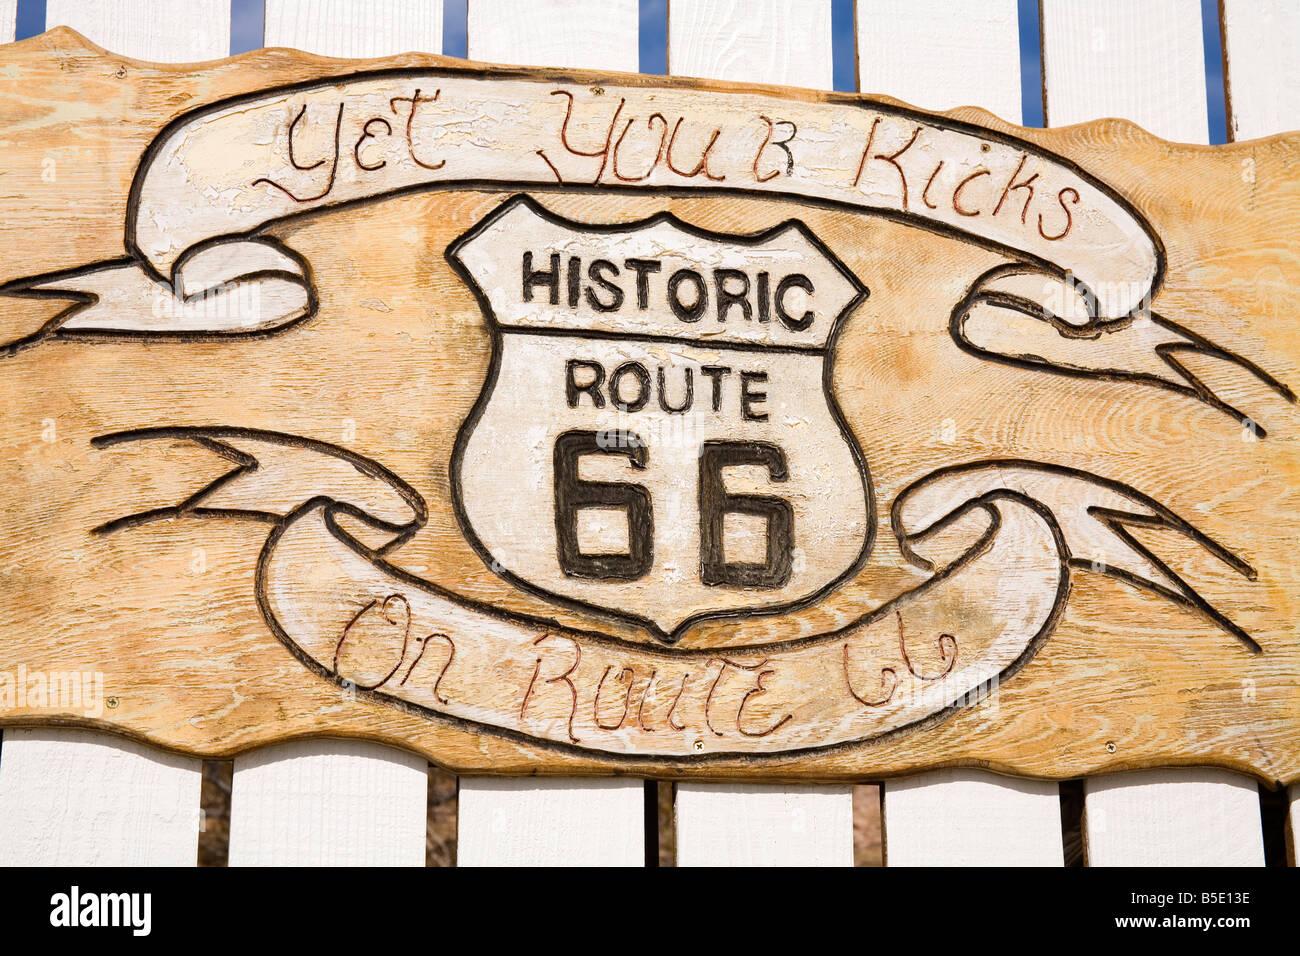 Memorabilia, Route 66 Motel, Barstow, California, USA, North America - Stock Image